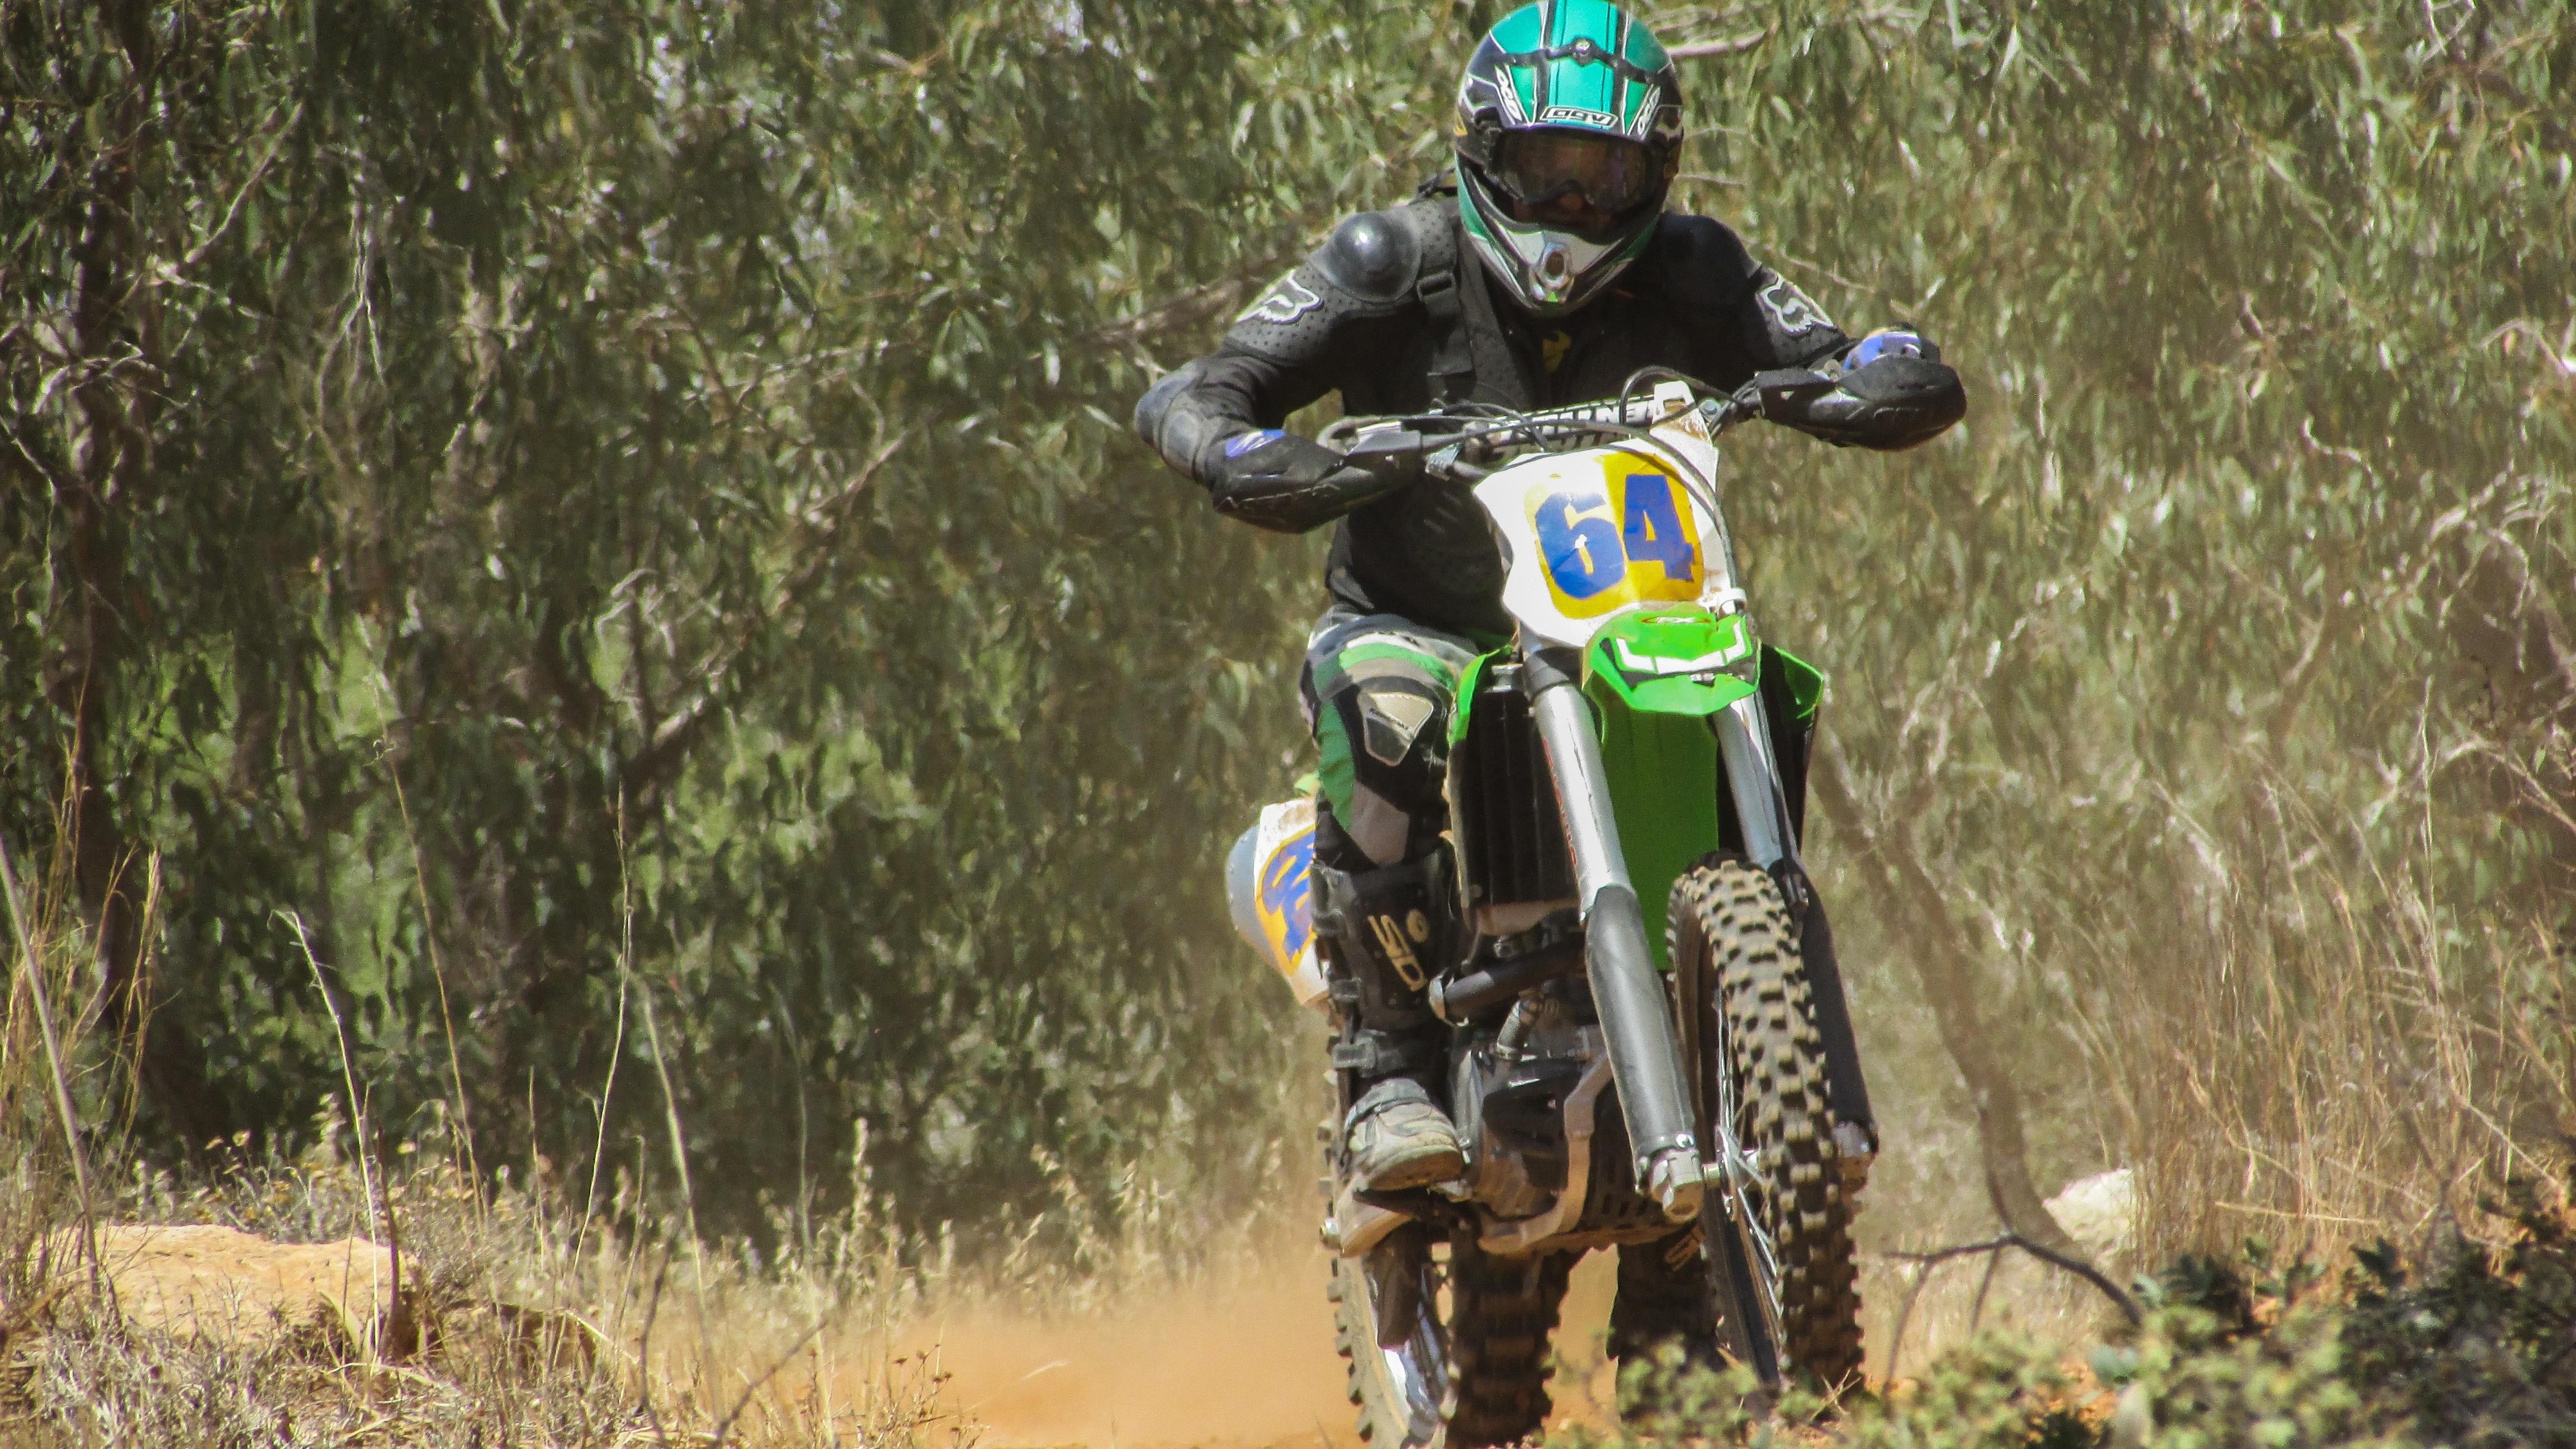 Course de moto cross gratuit - Moto cross gratuit ...